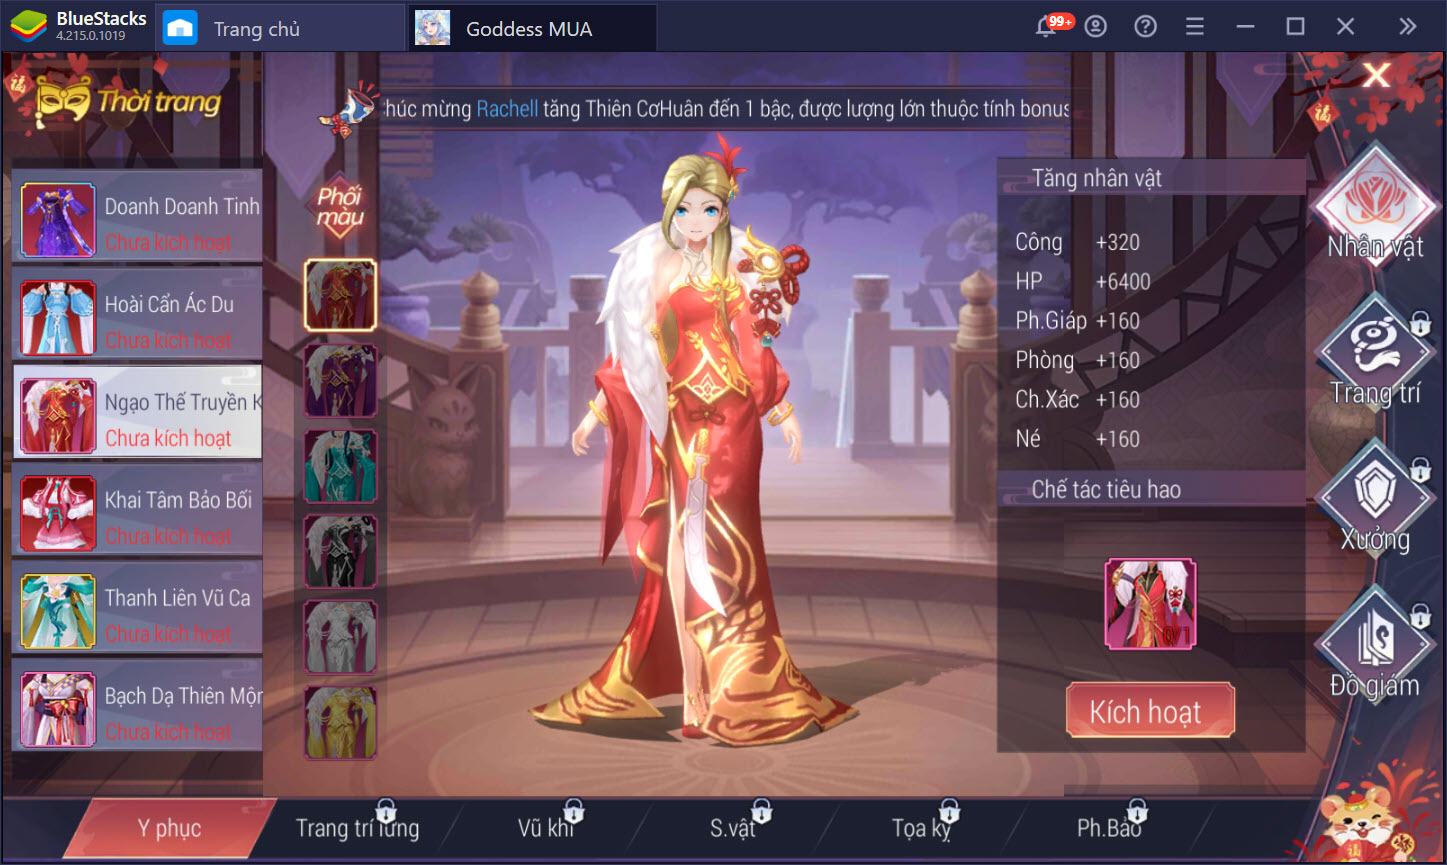 Những lưu ý khi bạn muốn cày cấp nhanh trong Goddess MUA